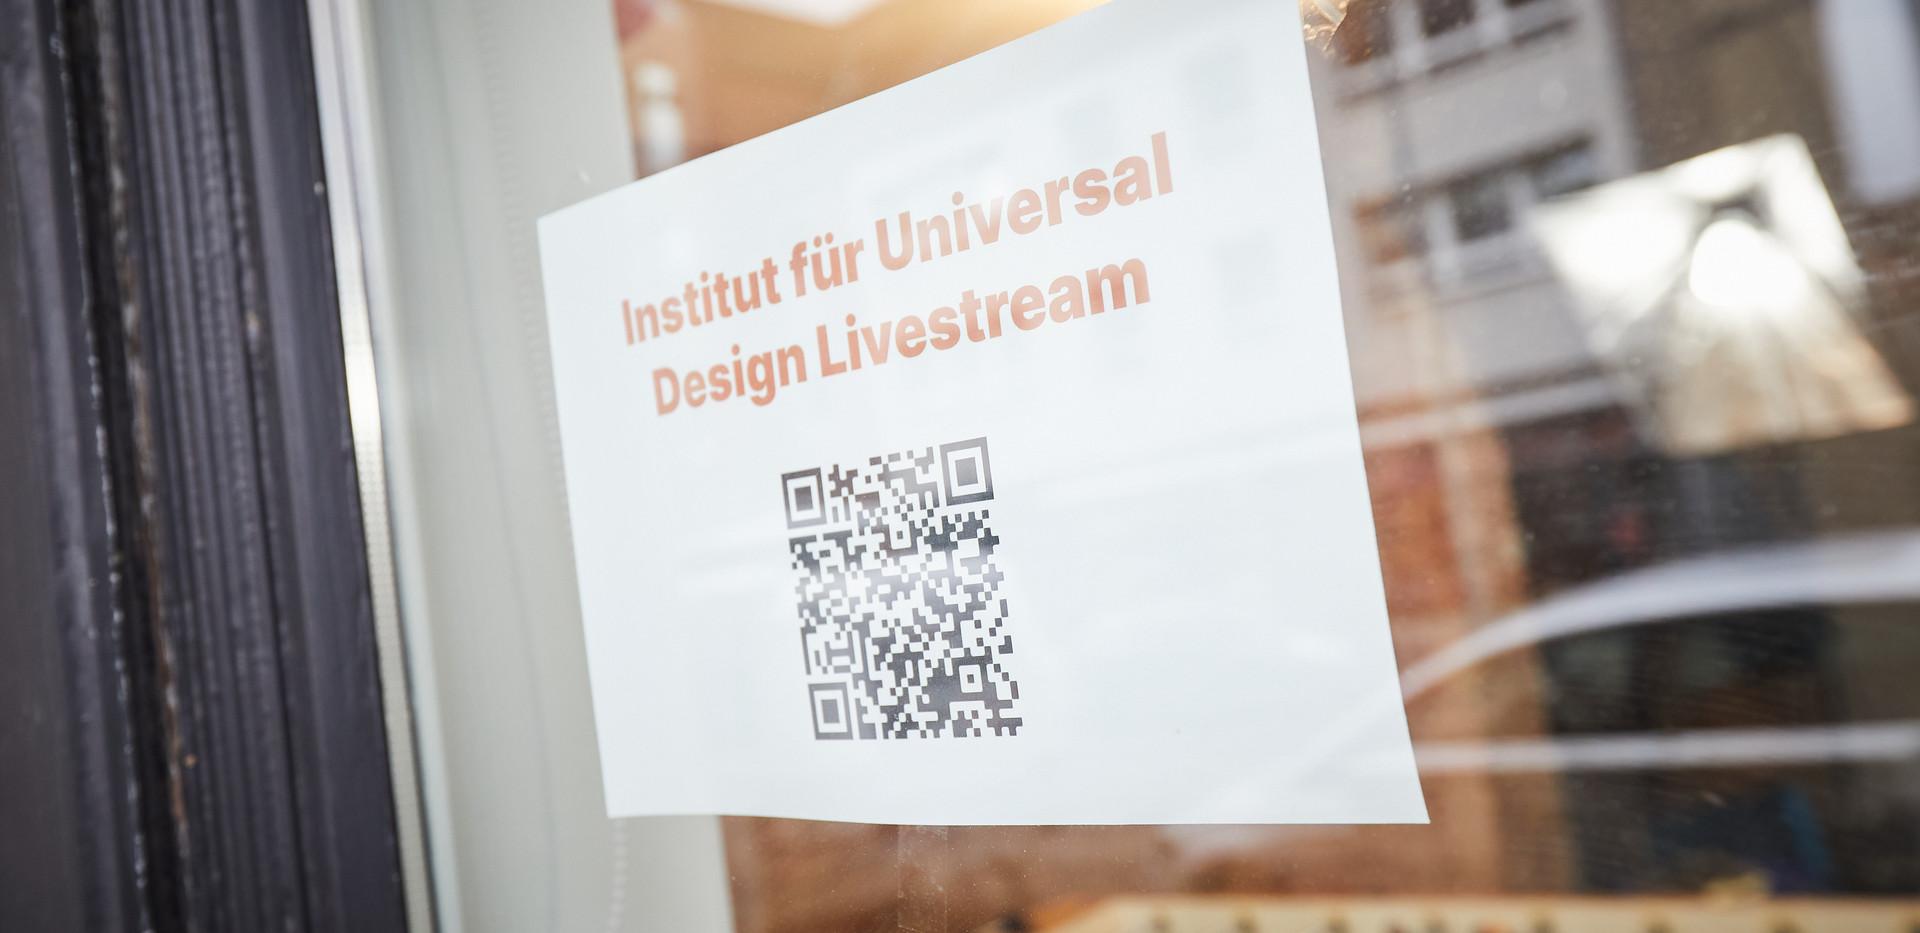 Institut für Universal Design - Livestream  Nahezu alle Veranstaltungen wurden live über YouTube gestreamt. Diese finden Sie nun wiederaufrufbar in der Mediathek auf YouTube.